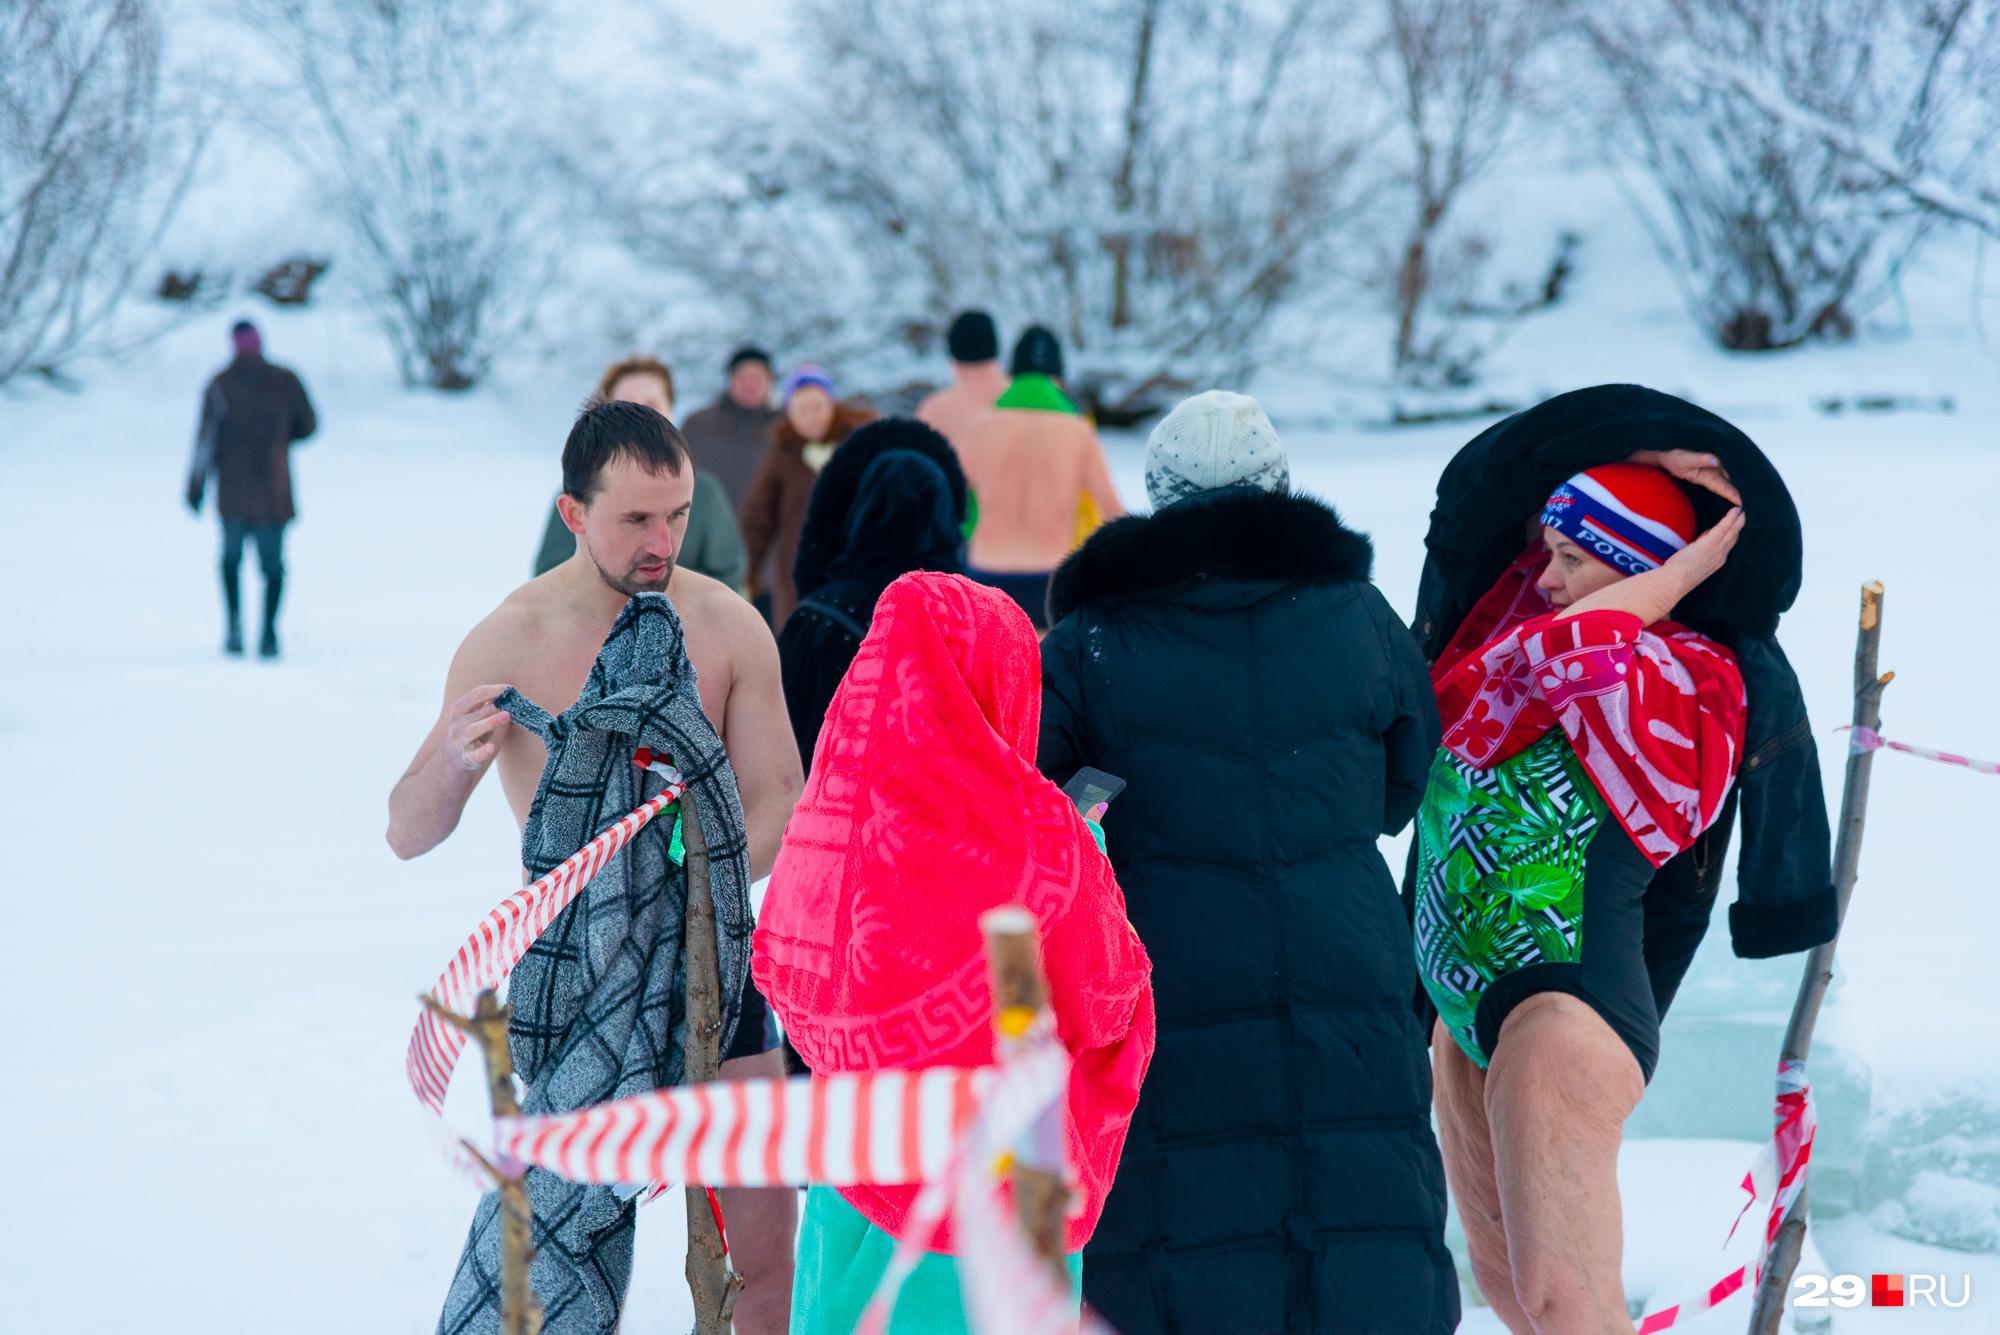 Всего в клубе «Моржи Архангельска» около 150 человек — есть и молодежь, и пенсионеры